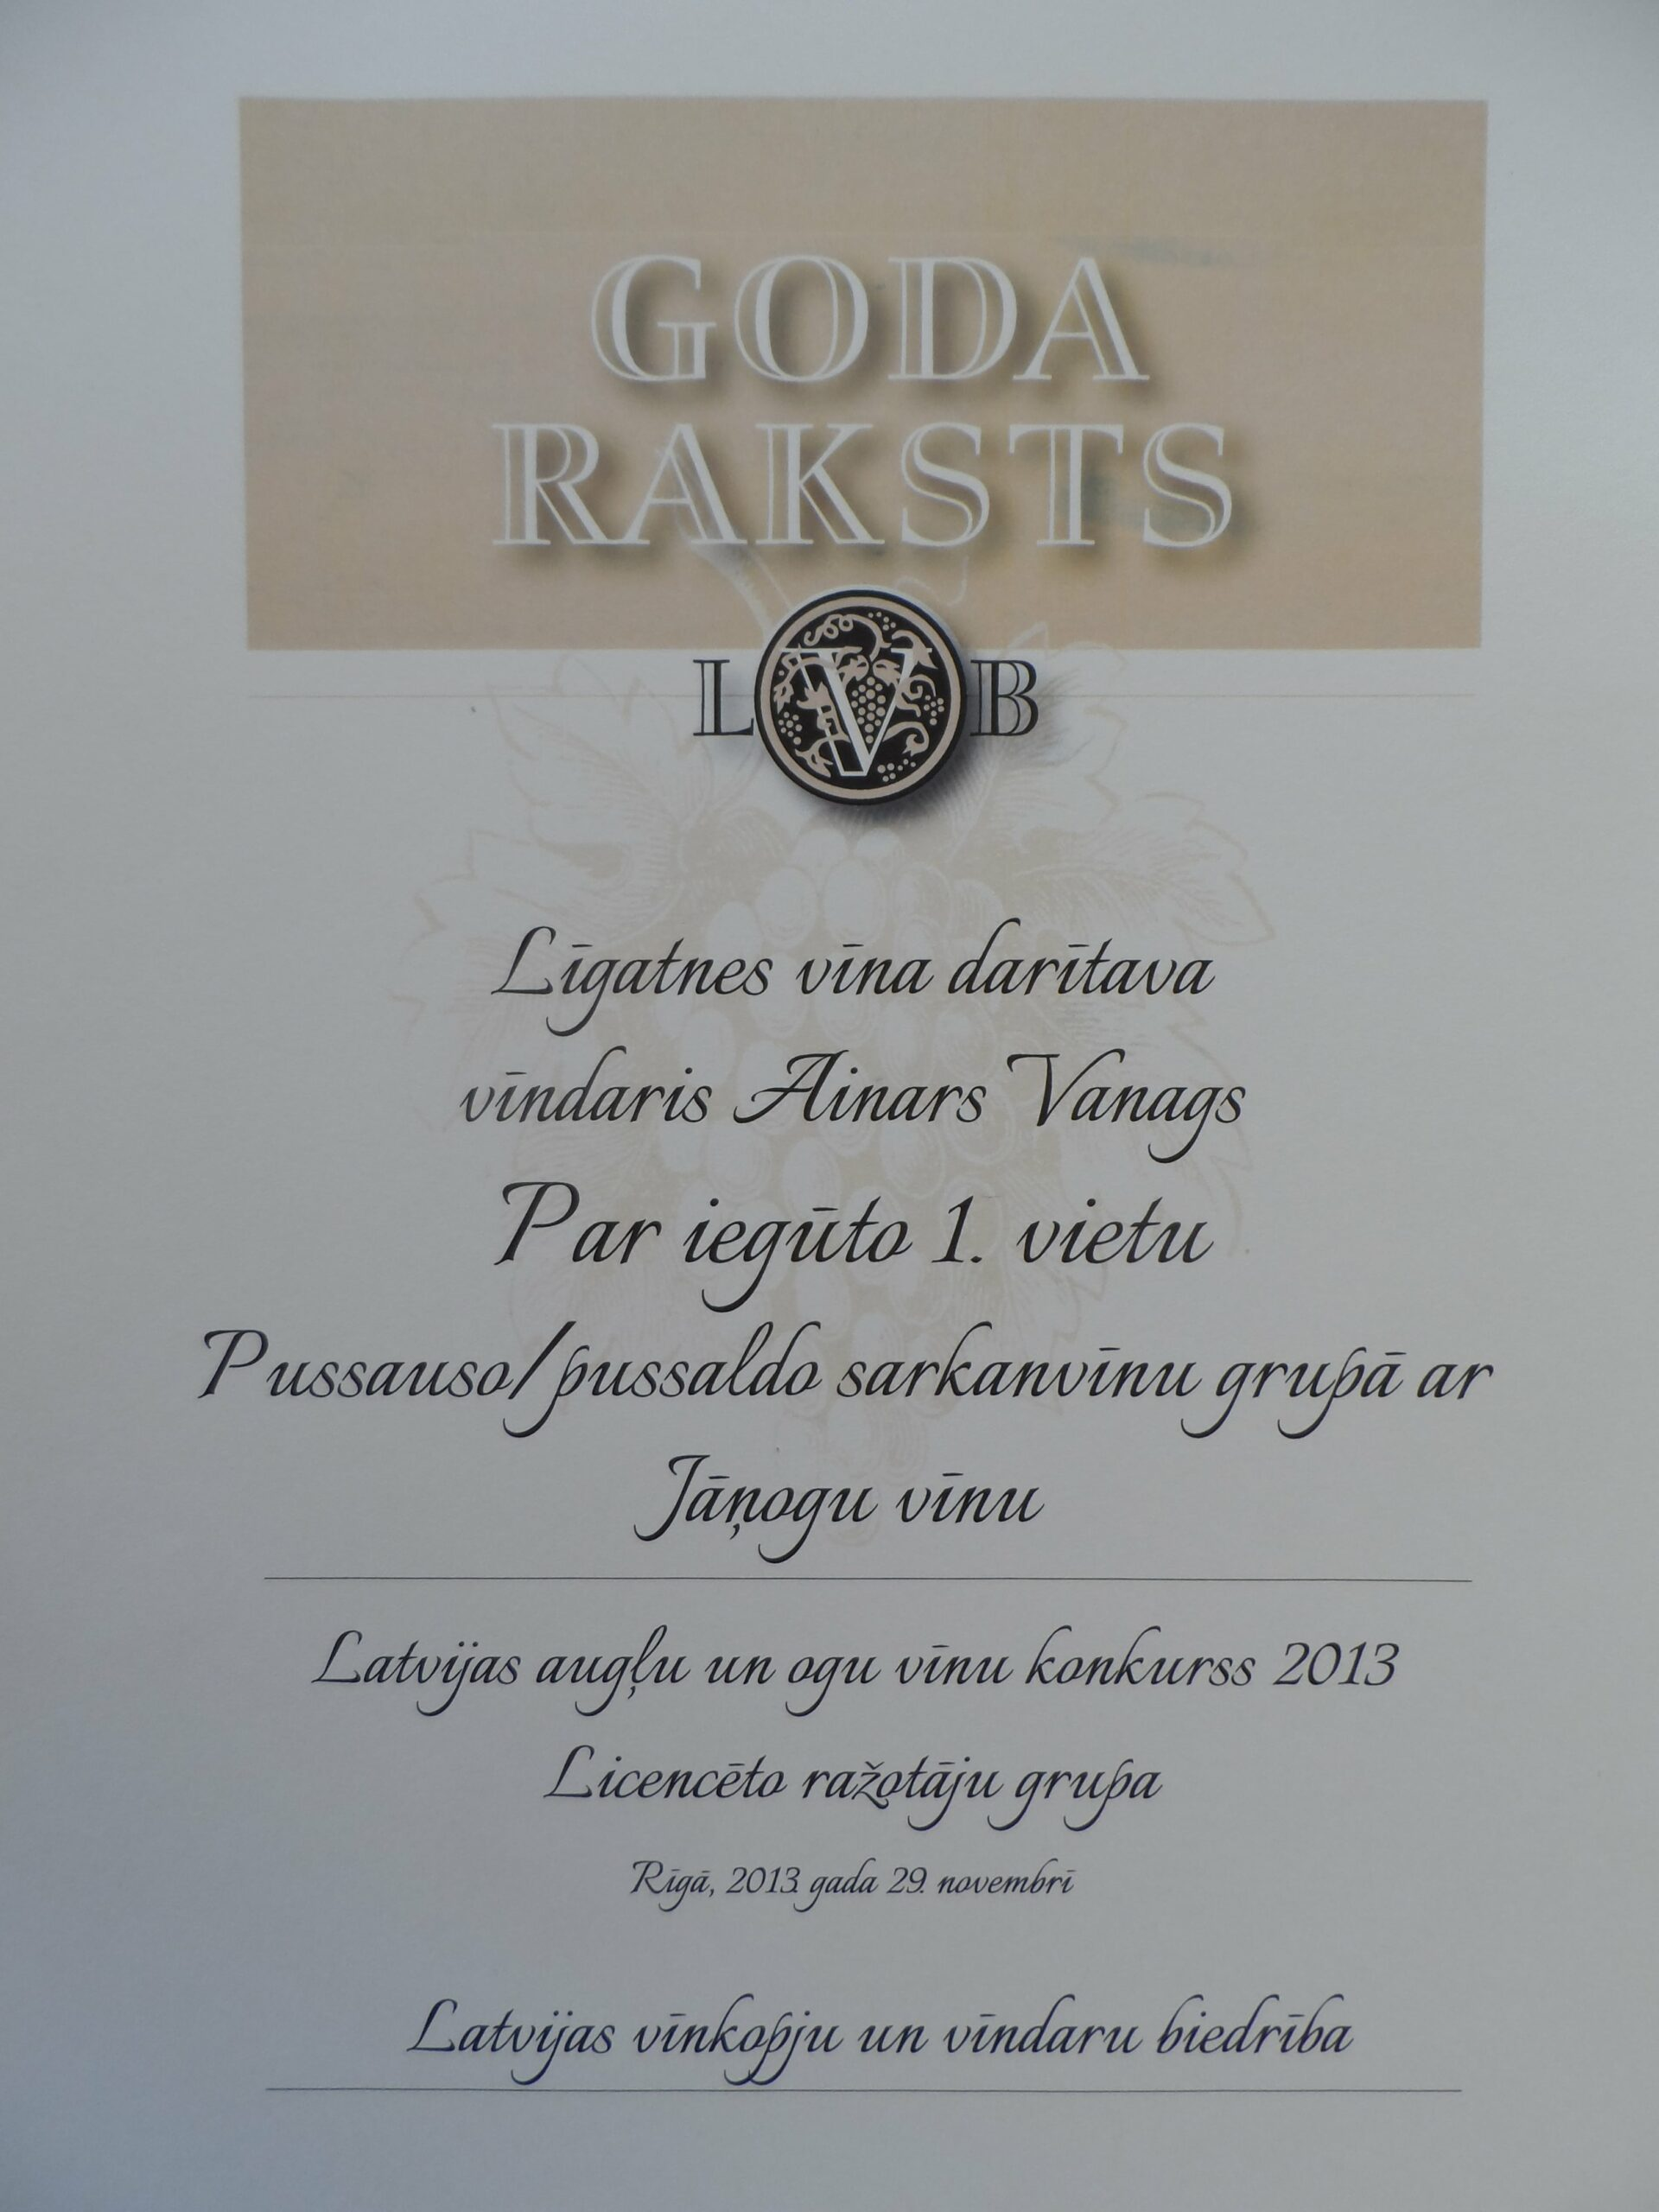 LVB 1.vieta Jāņogu vīns Pussauso/pussaldo sarkanvīnu grupā